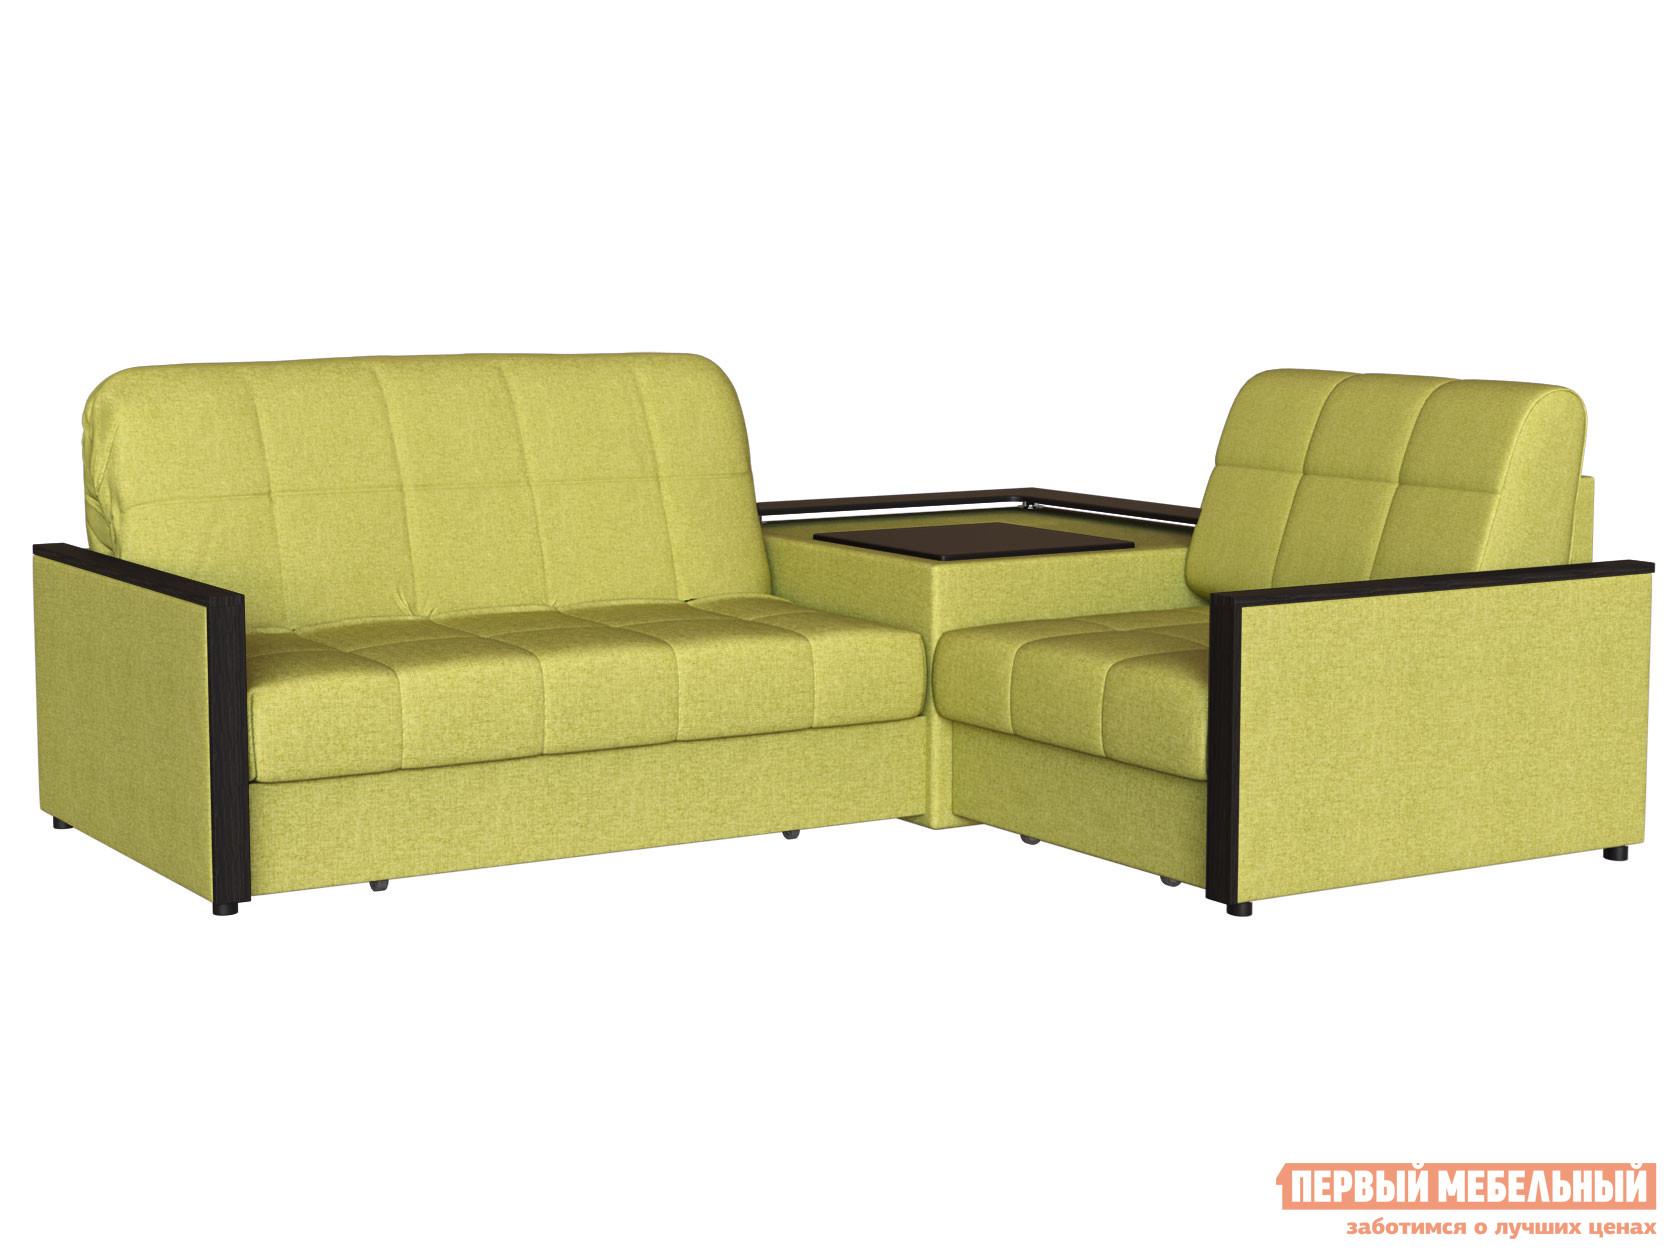 Угловой диван Первый Мебельный Диван Орион угловой